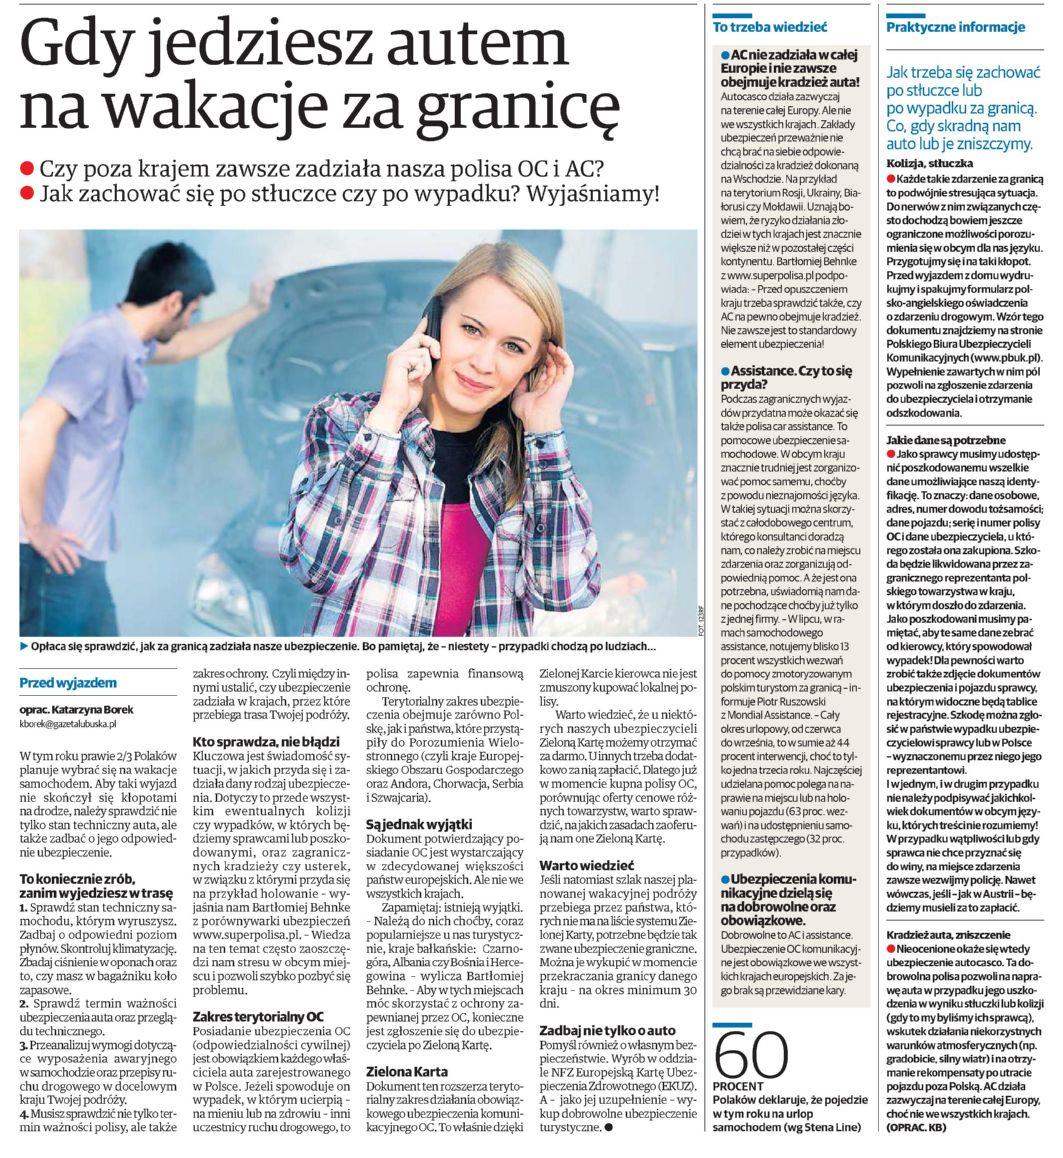 """""""Gdy jedziesz autem na wakacje za granicę"""" – Polska – Dziennik Zachodni"""